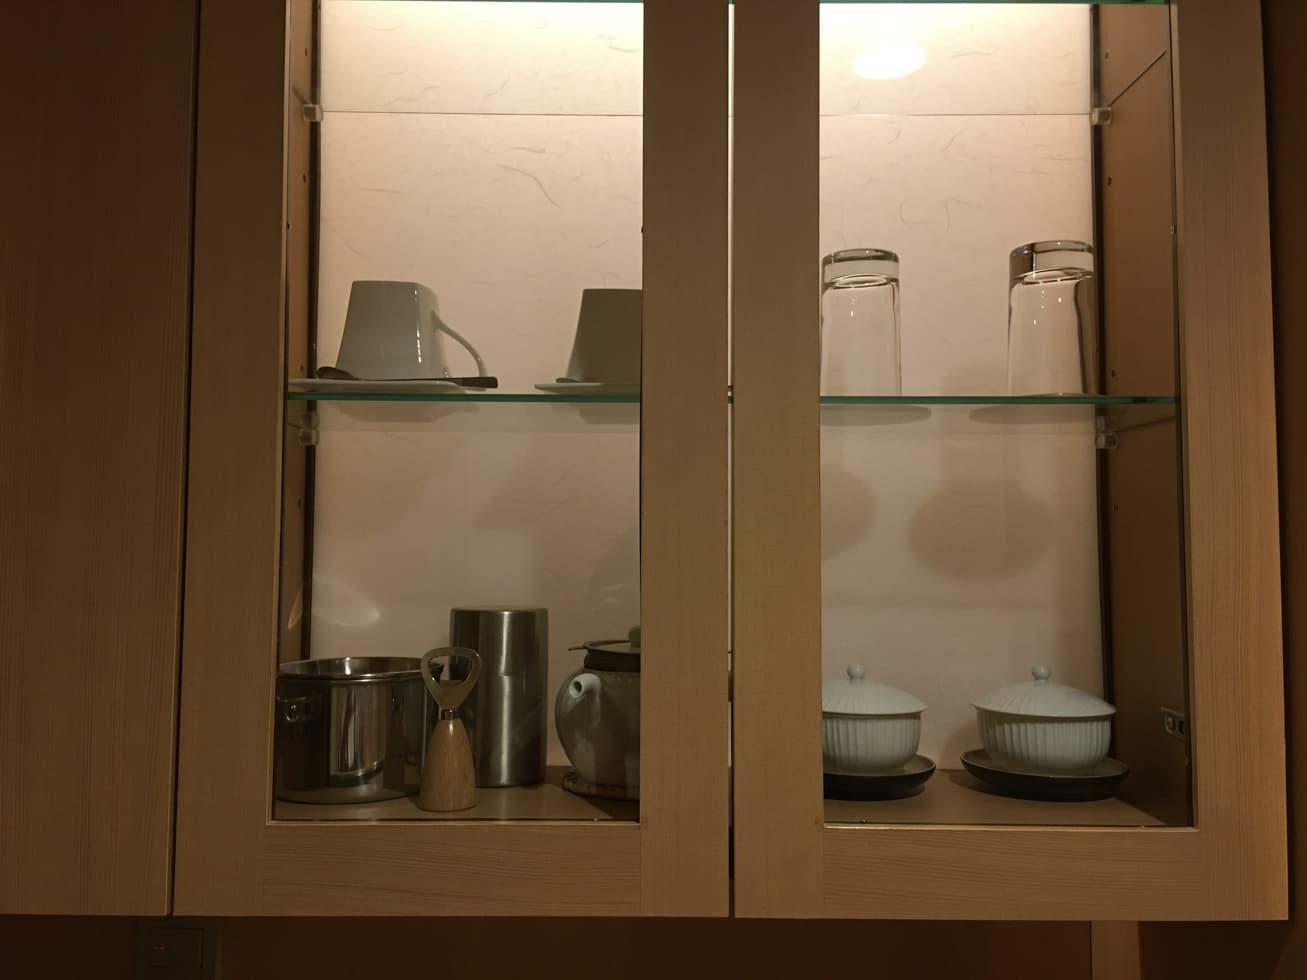 湯飲み茶碗やカップの写真